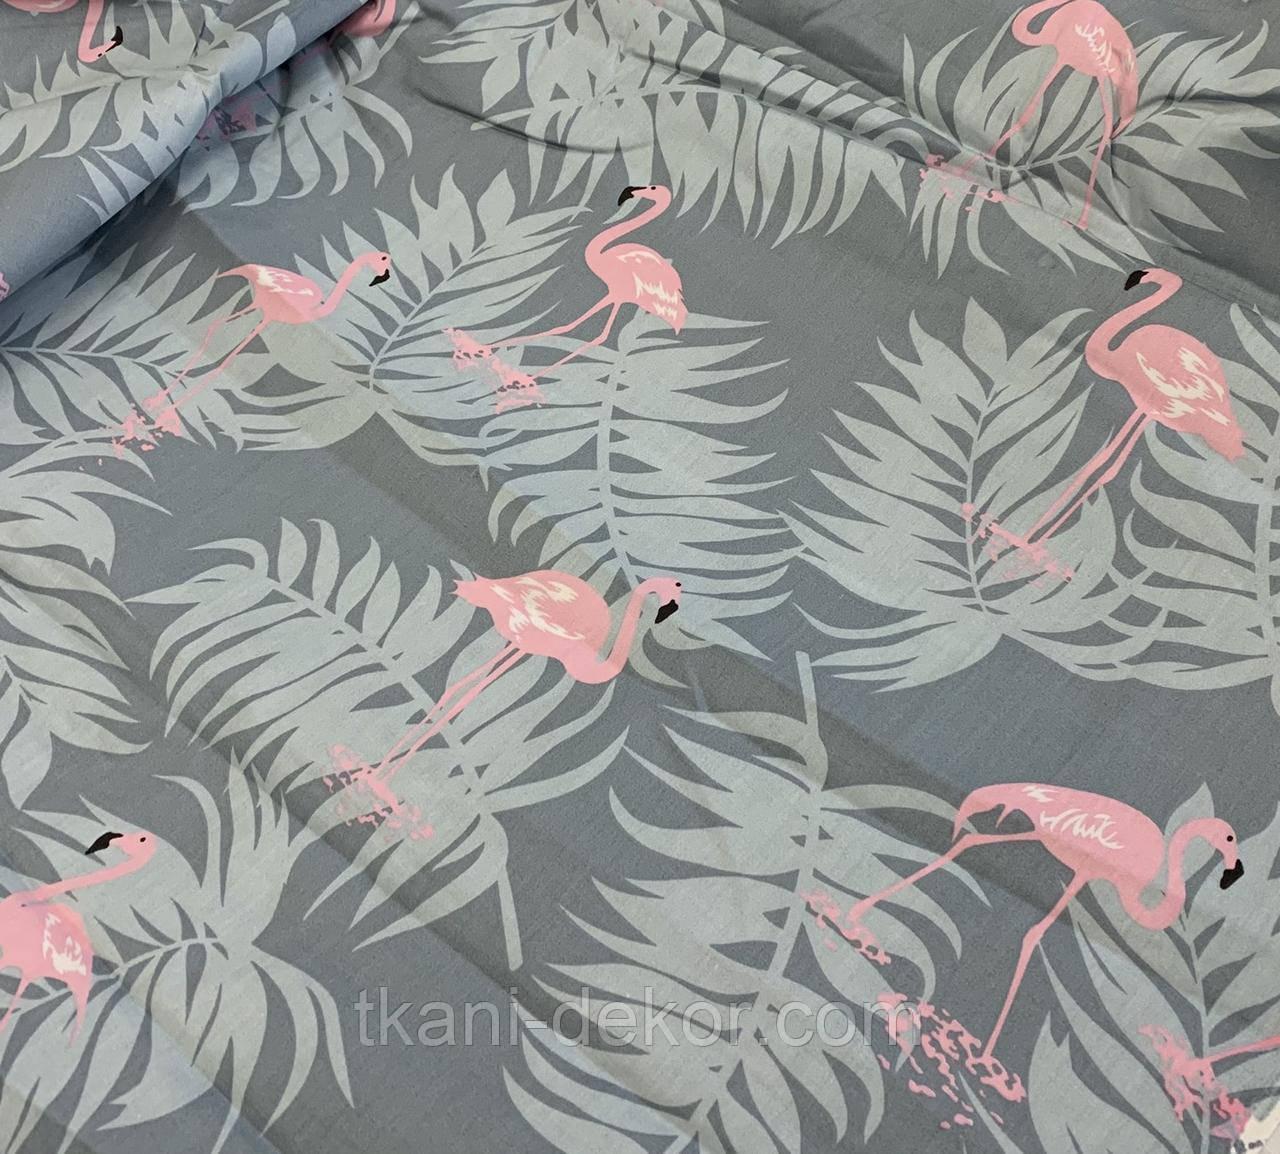 Сатин (хлопковая ткань) на серо-голубом фоне фламинго с пальмовыми листьями